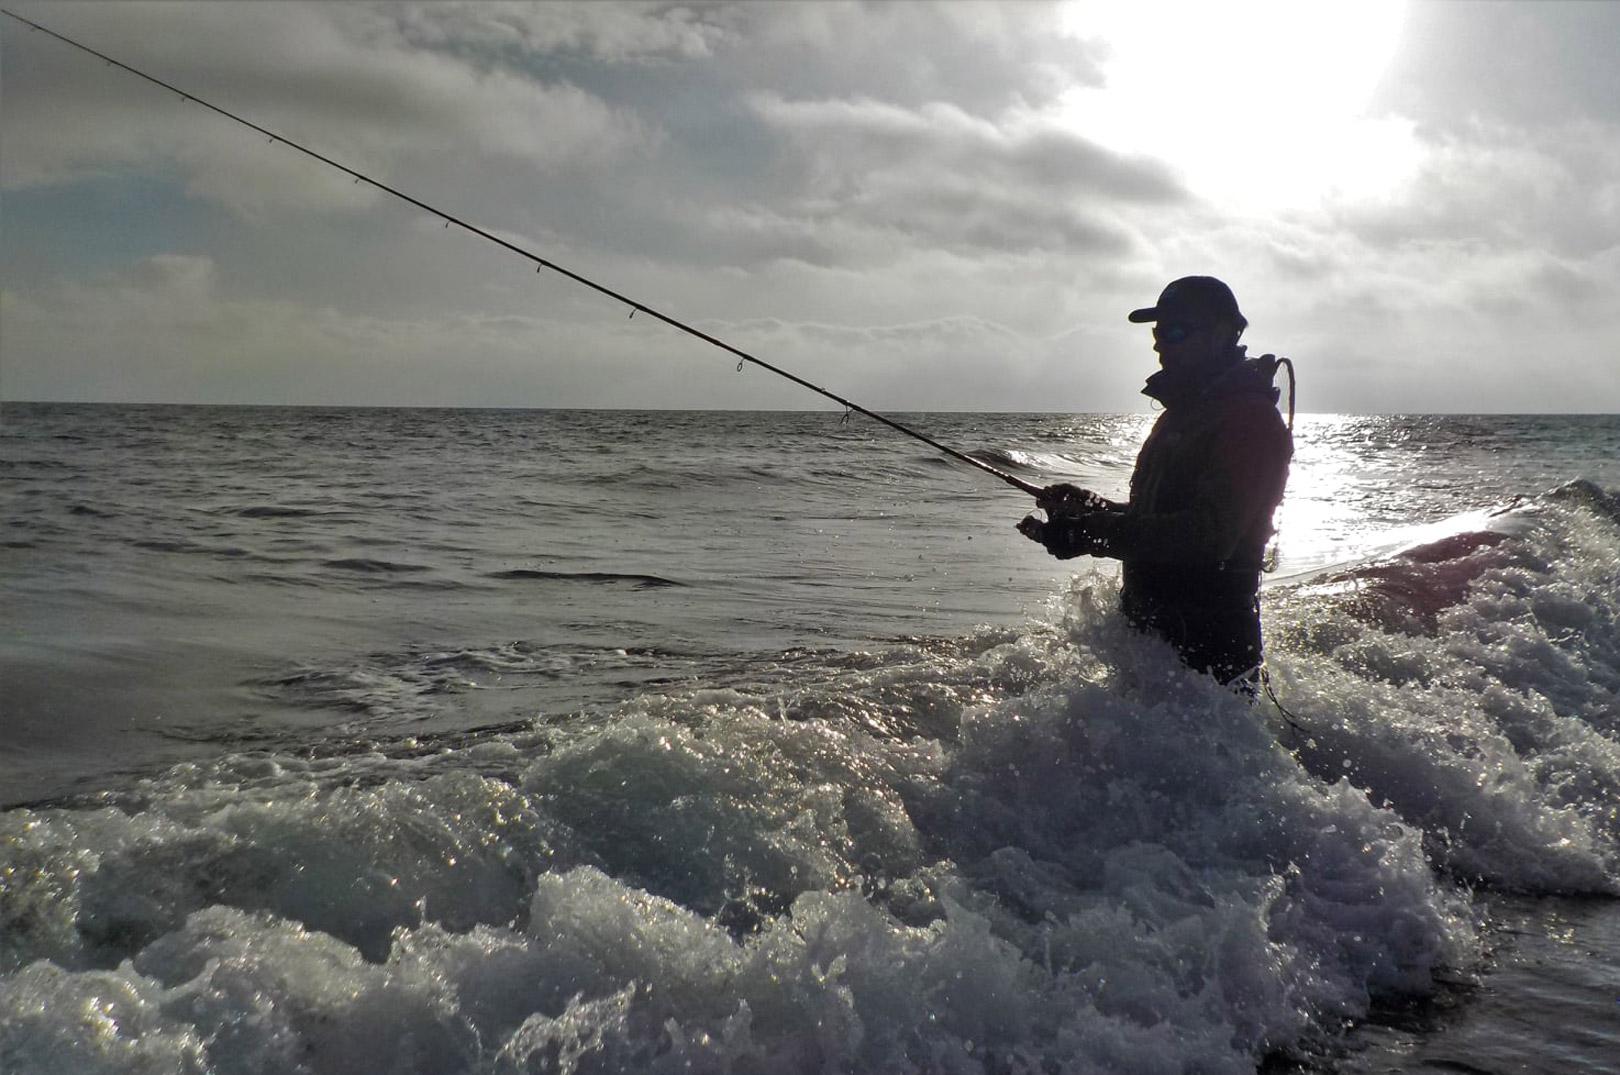 Det er nok ikke sidste gang Rasmu´s kammerat Morten er med på kysten efter havørred.